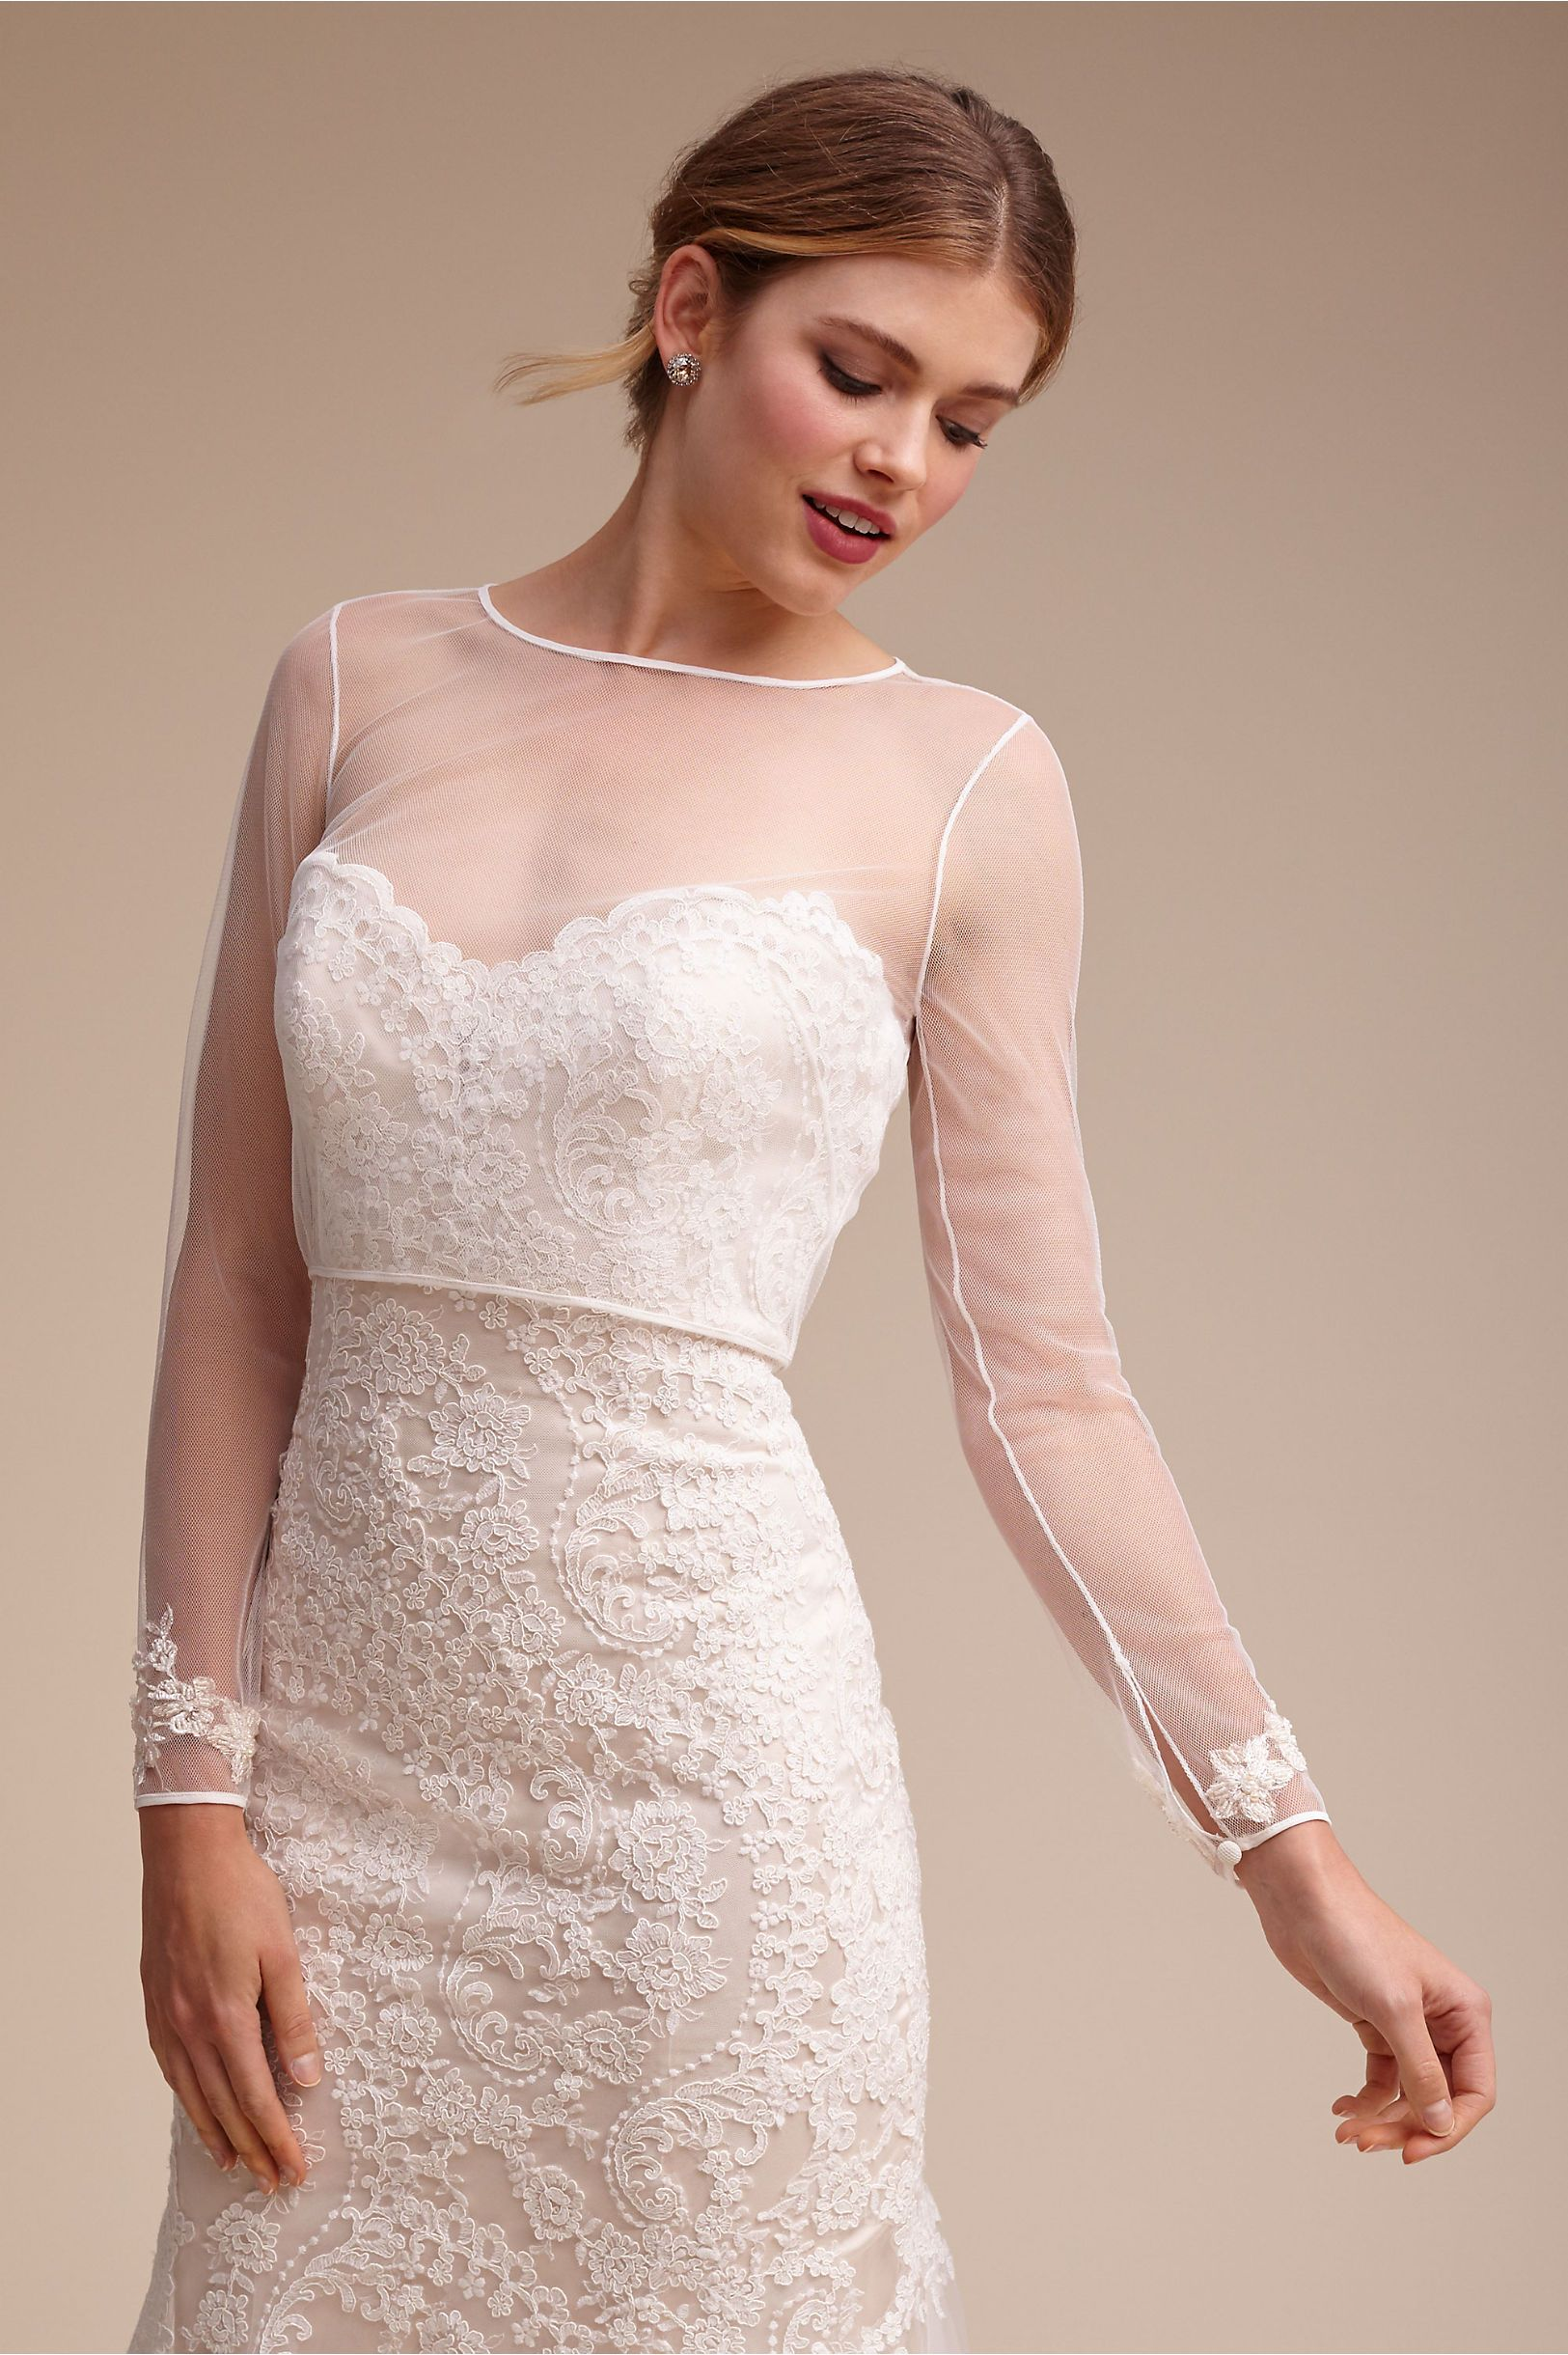 Wedding Dresses Bolero.Bhldn S Dreams By Eddy K Leigh Gown In Ivory Cream Bridal